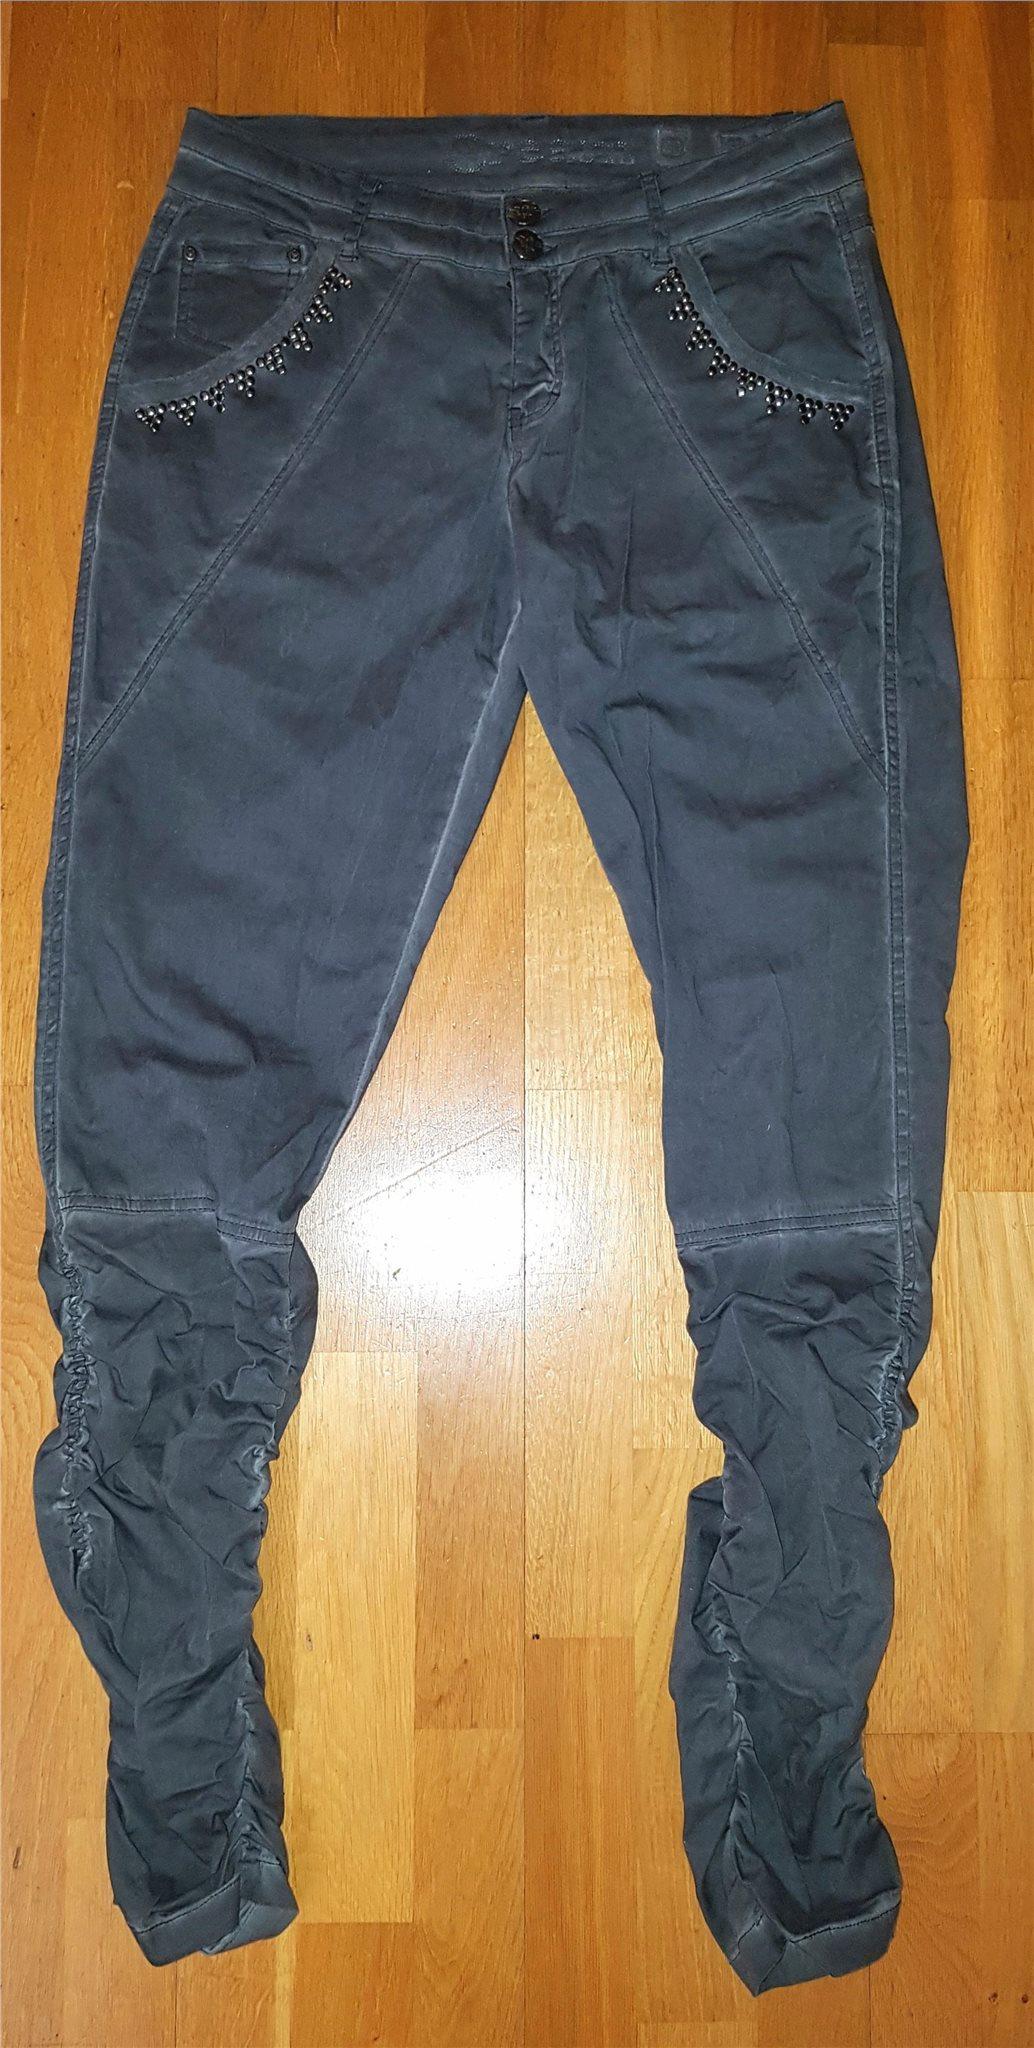 Stl 42 CREAM snygga jeans byxor med läckra deta.. (340590321) ᐈ Köp ... baacaccb51b6b